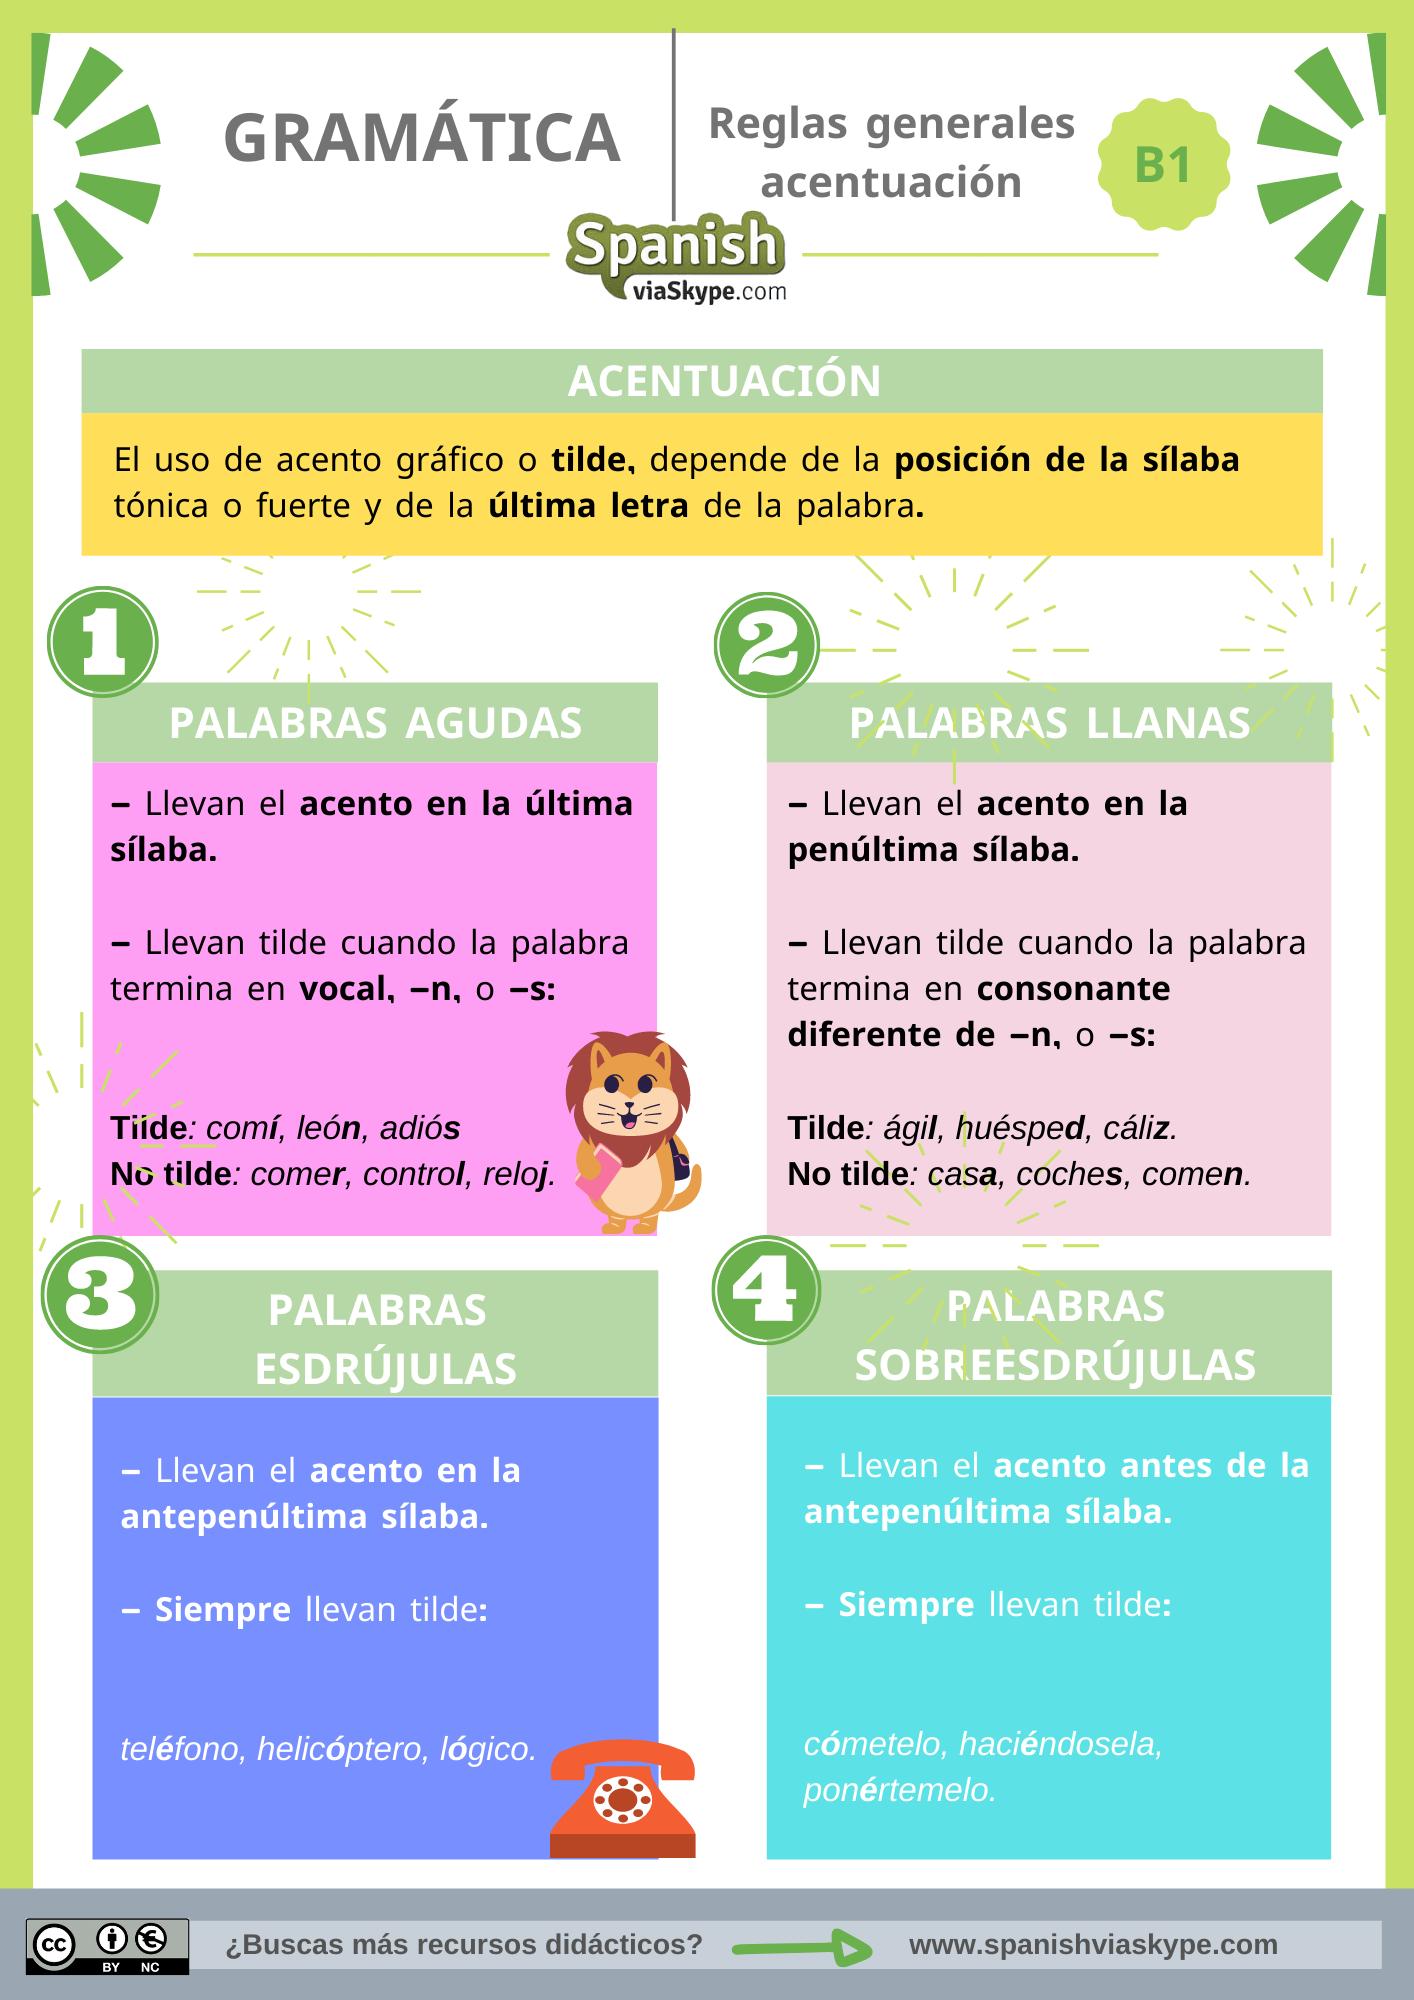 Infografía sobre las reglas generales de acentuación en español